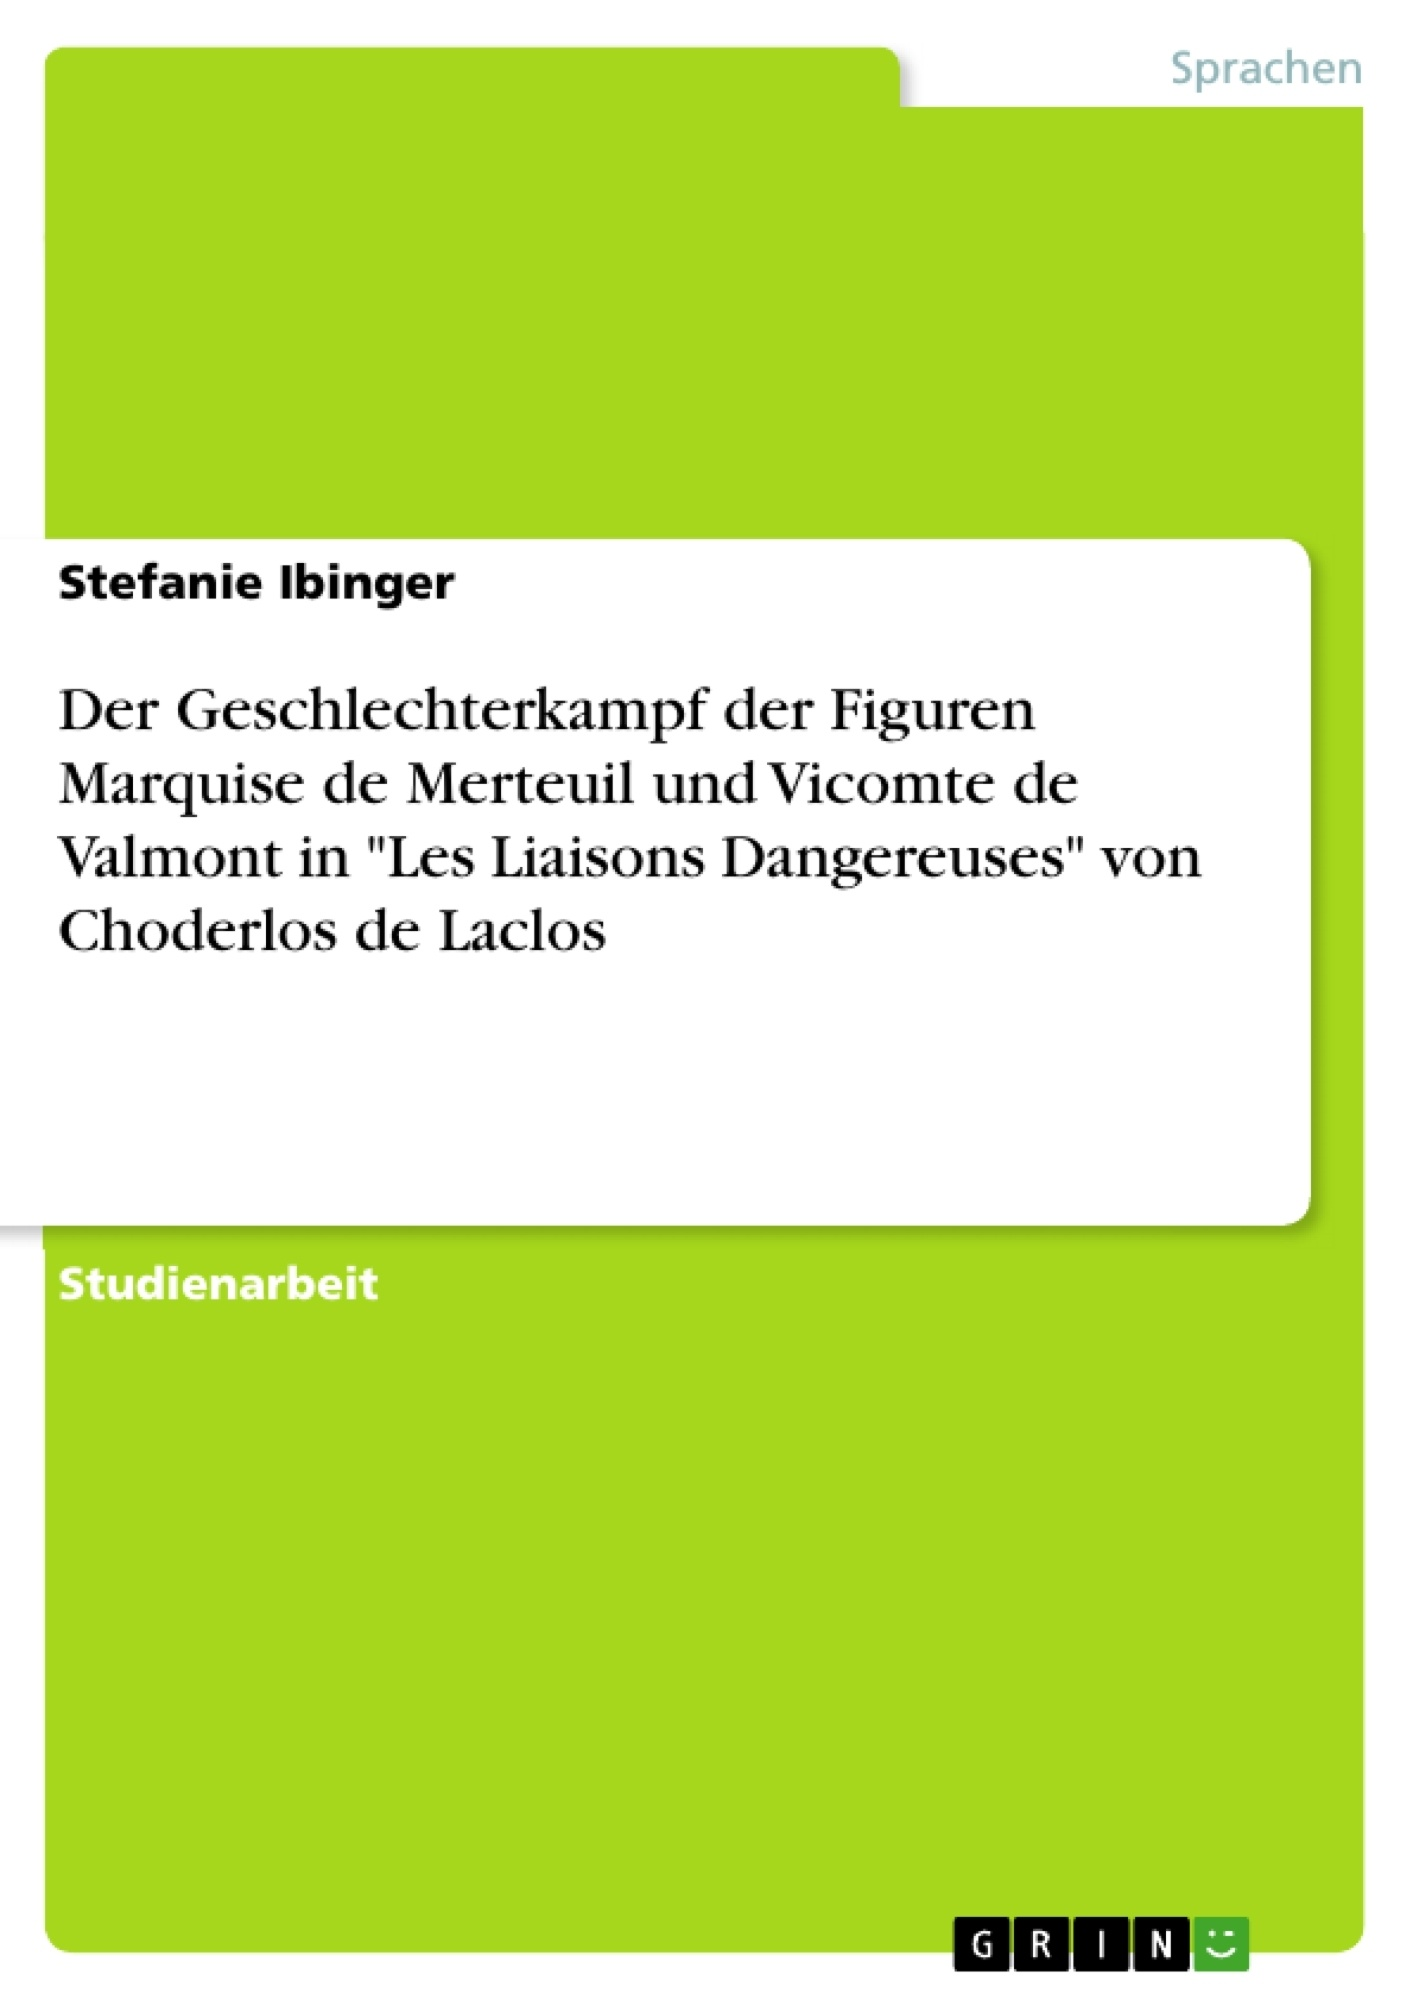 """Titel: Der Geschlechterkampf der Figuren Marquise de Merteuil und Vicomte de Valmont in """"Les Liaisons Dangereuses"""" von Choderlos de Laclos"""